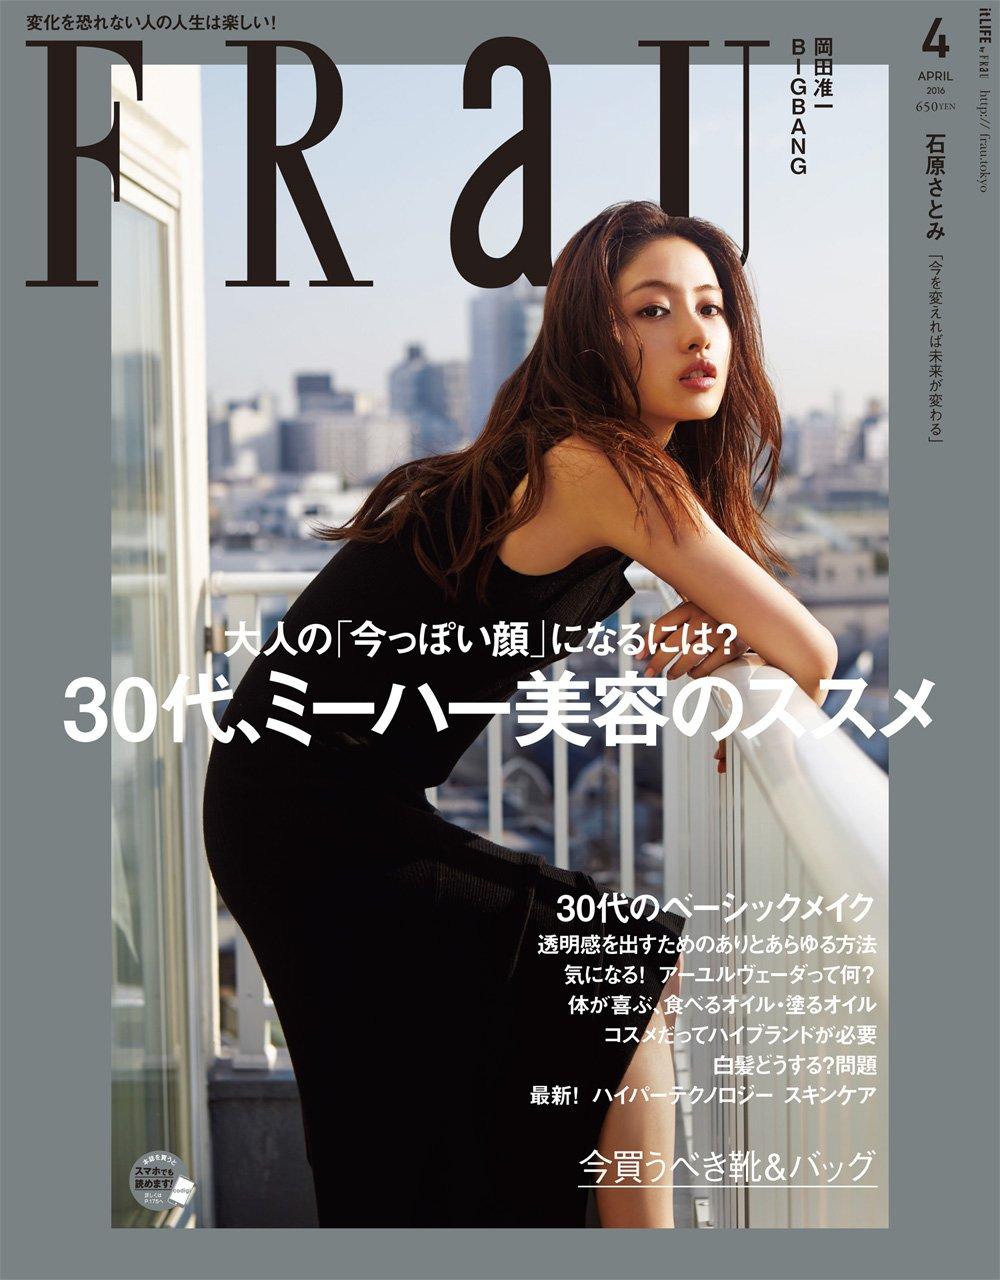 FRAU4月号にピーリングソフトが紹介されました。